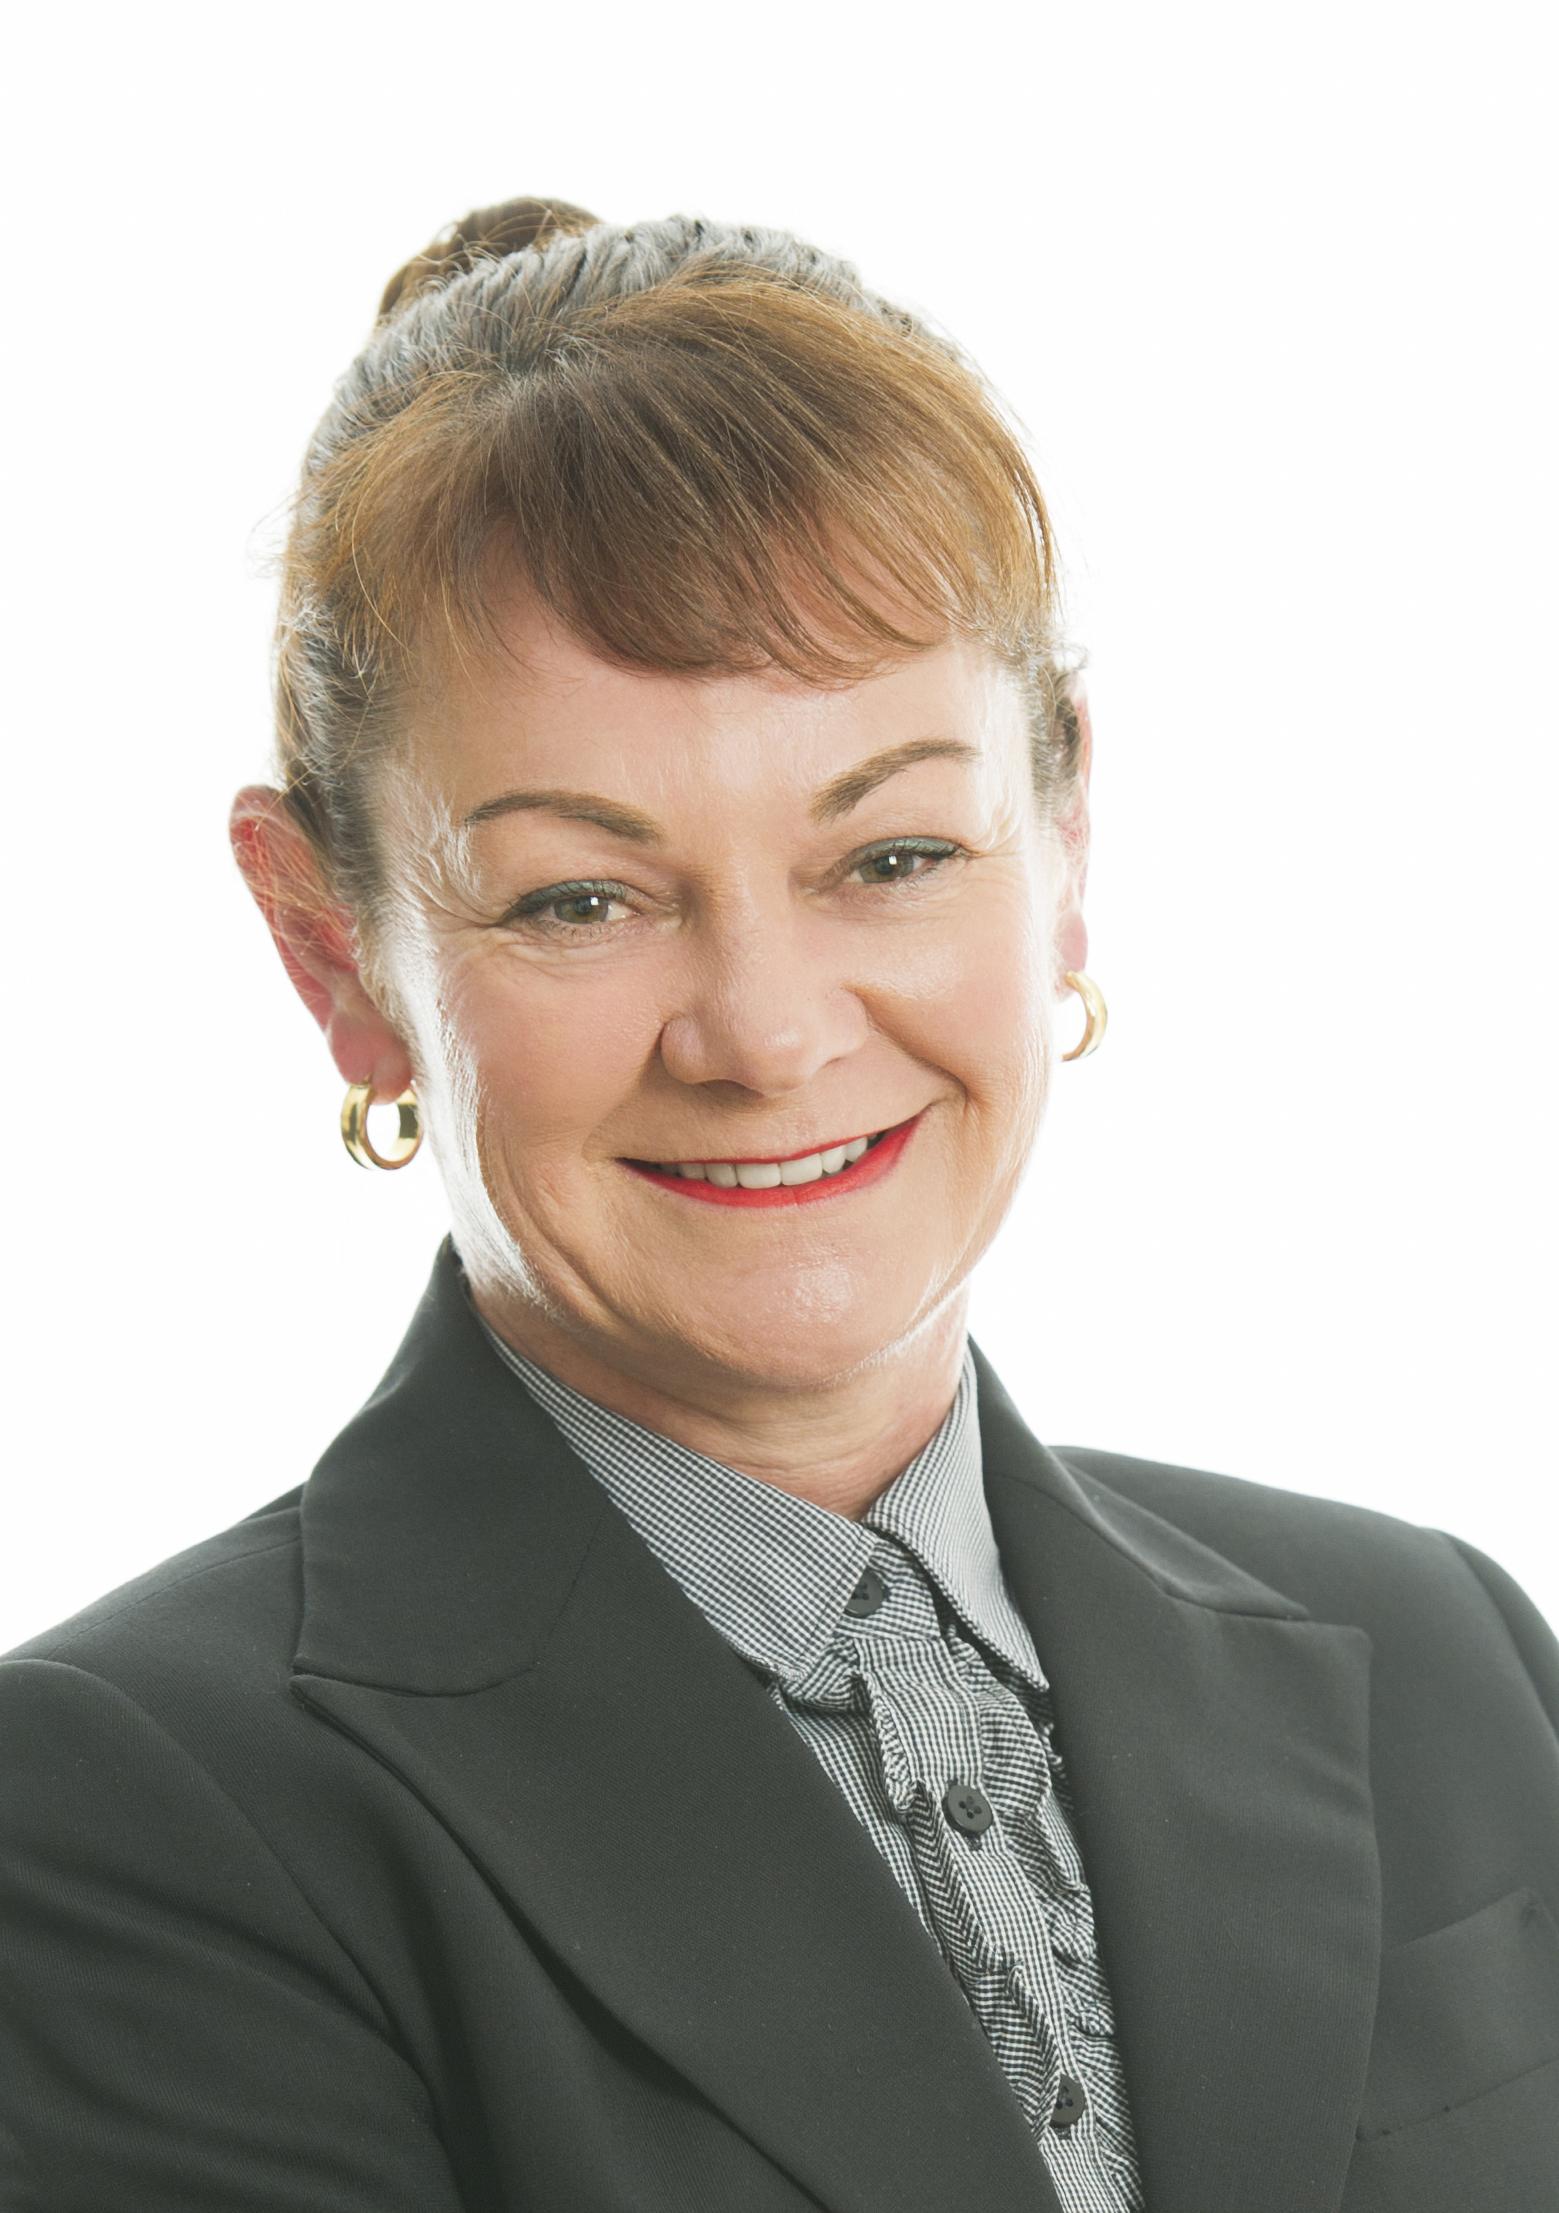 Melanie Hurst